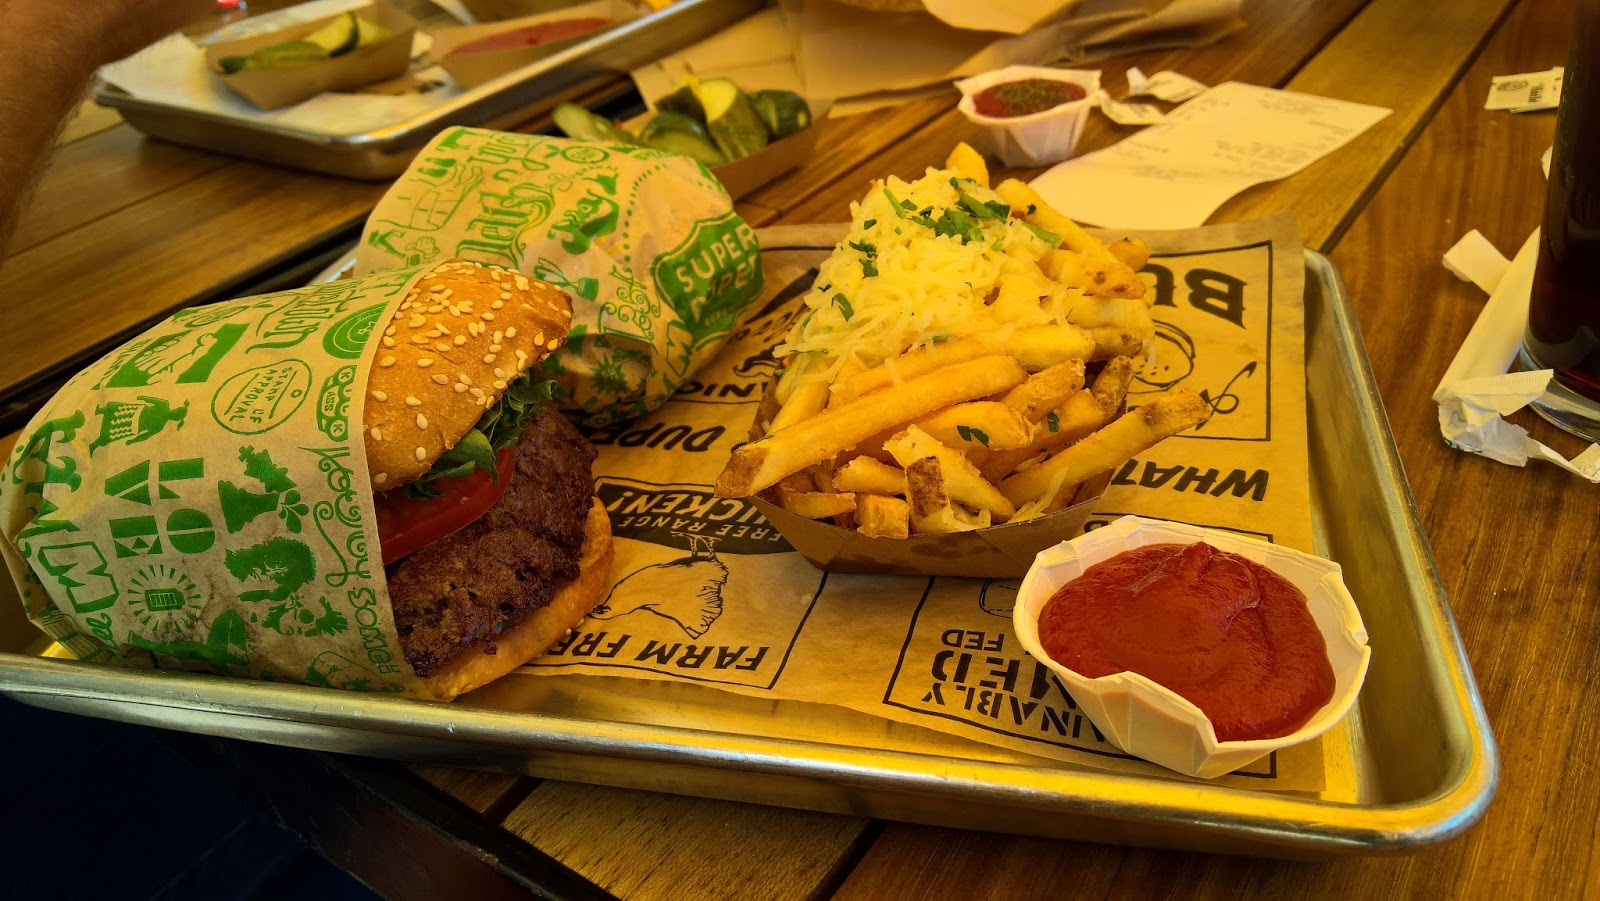 super duper burgers pikaruokaravintola san francisco california hampurilainen matkailu matkajuttu mallaspulla